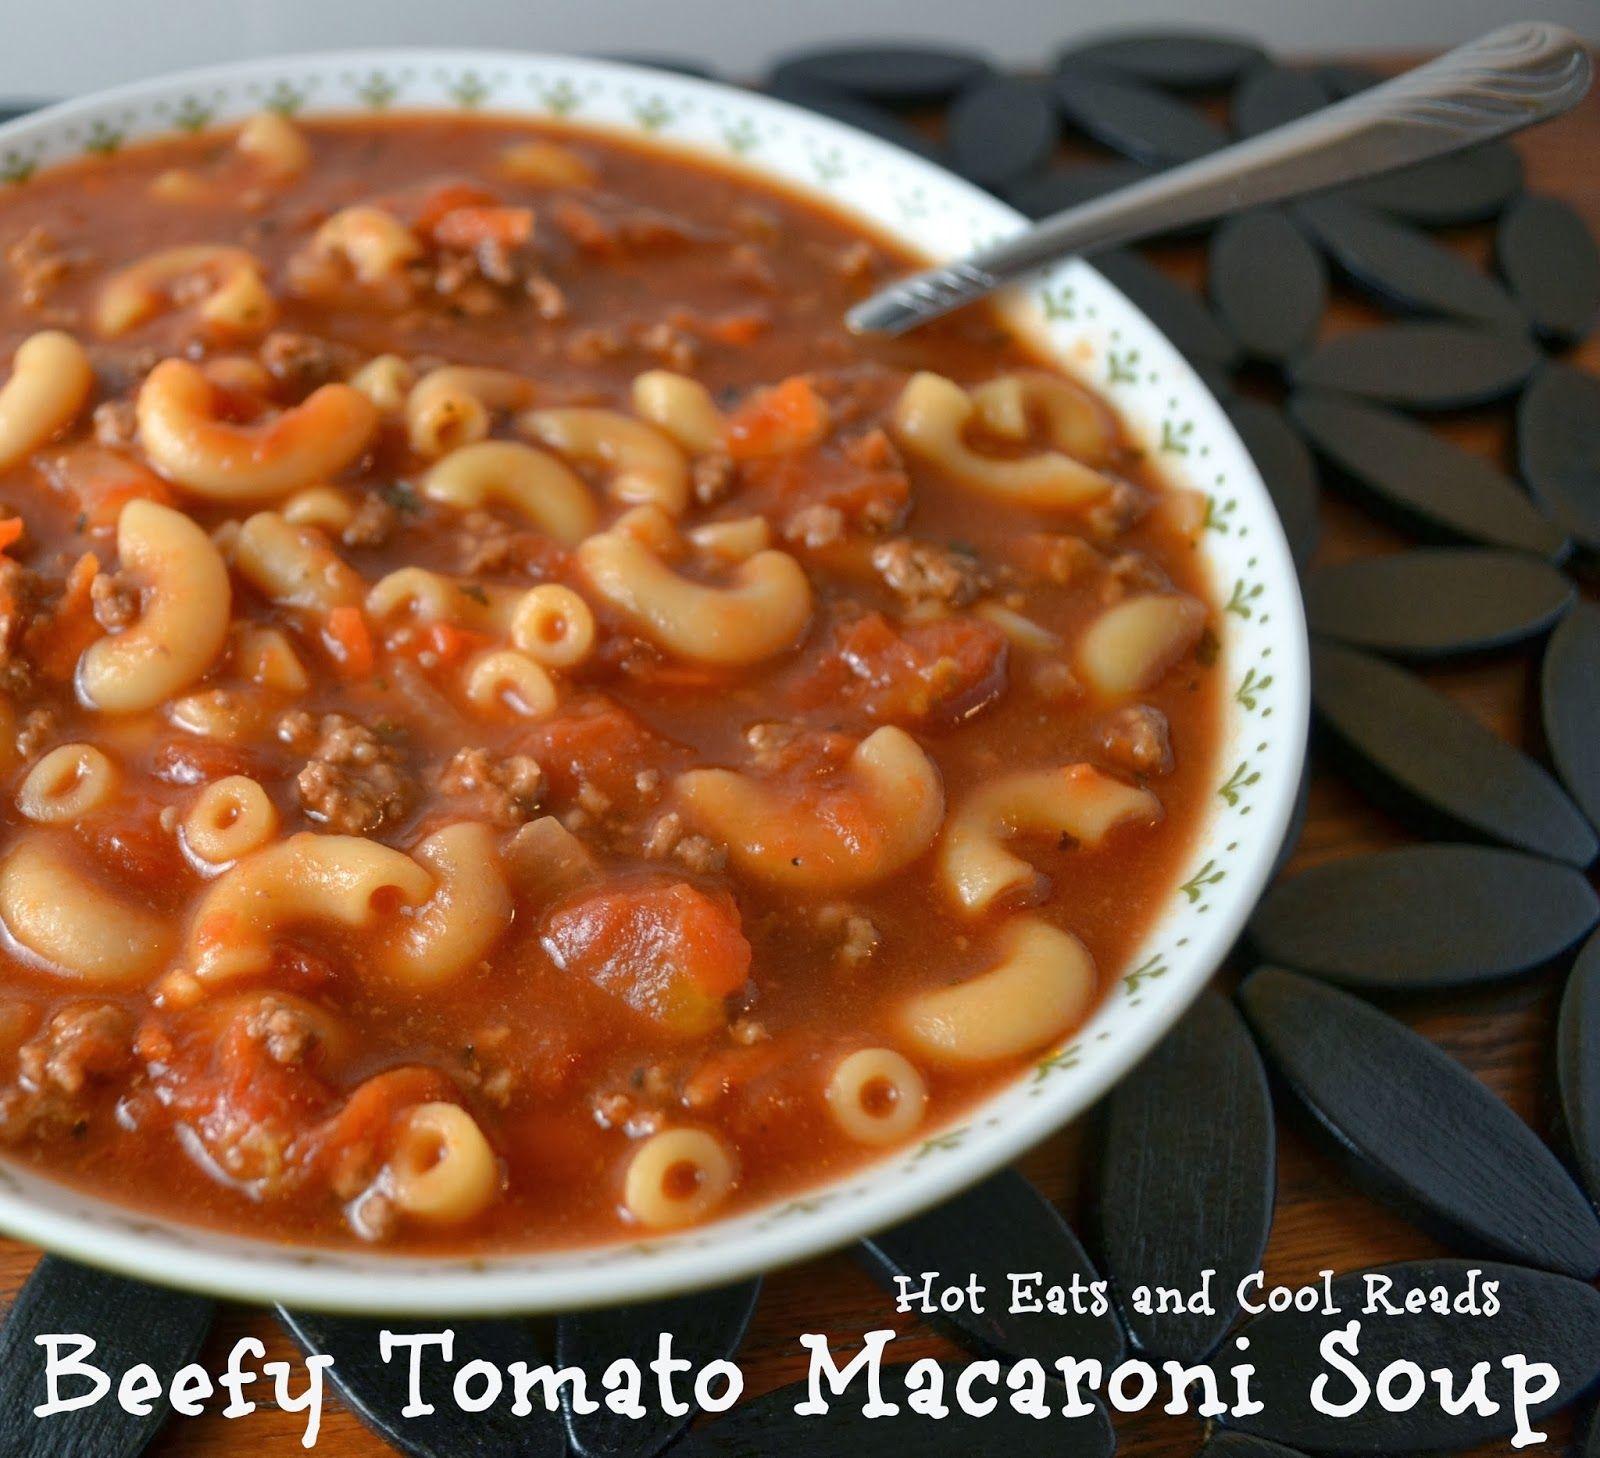 Beefy Tomato Macaroni Soup Recipe Recipe Macaroni Soup Recipes Tomato Macaroni Soup Recipe Macaroni Soup